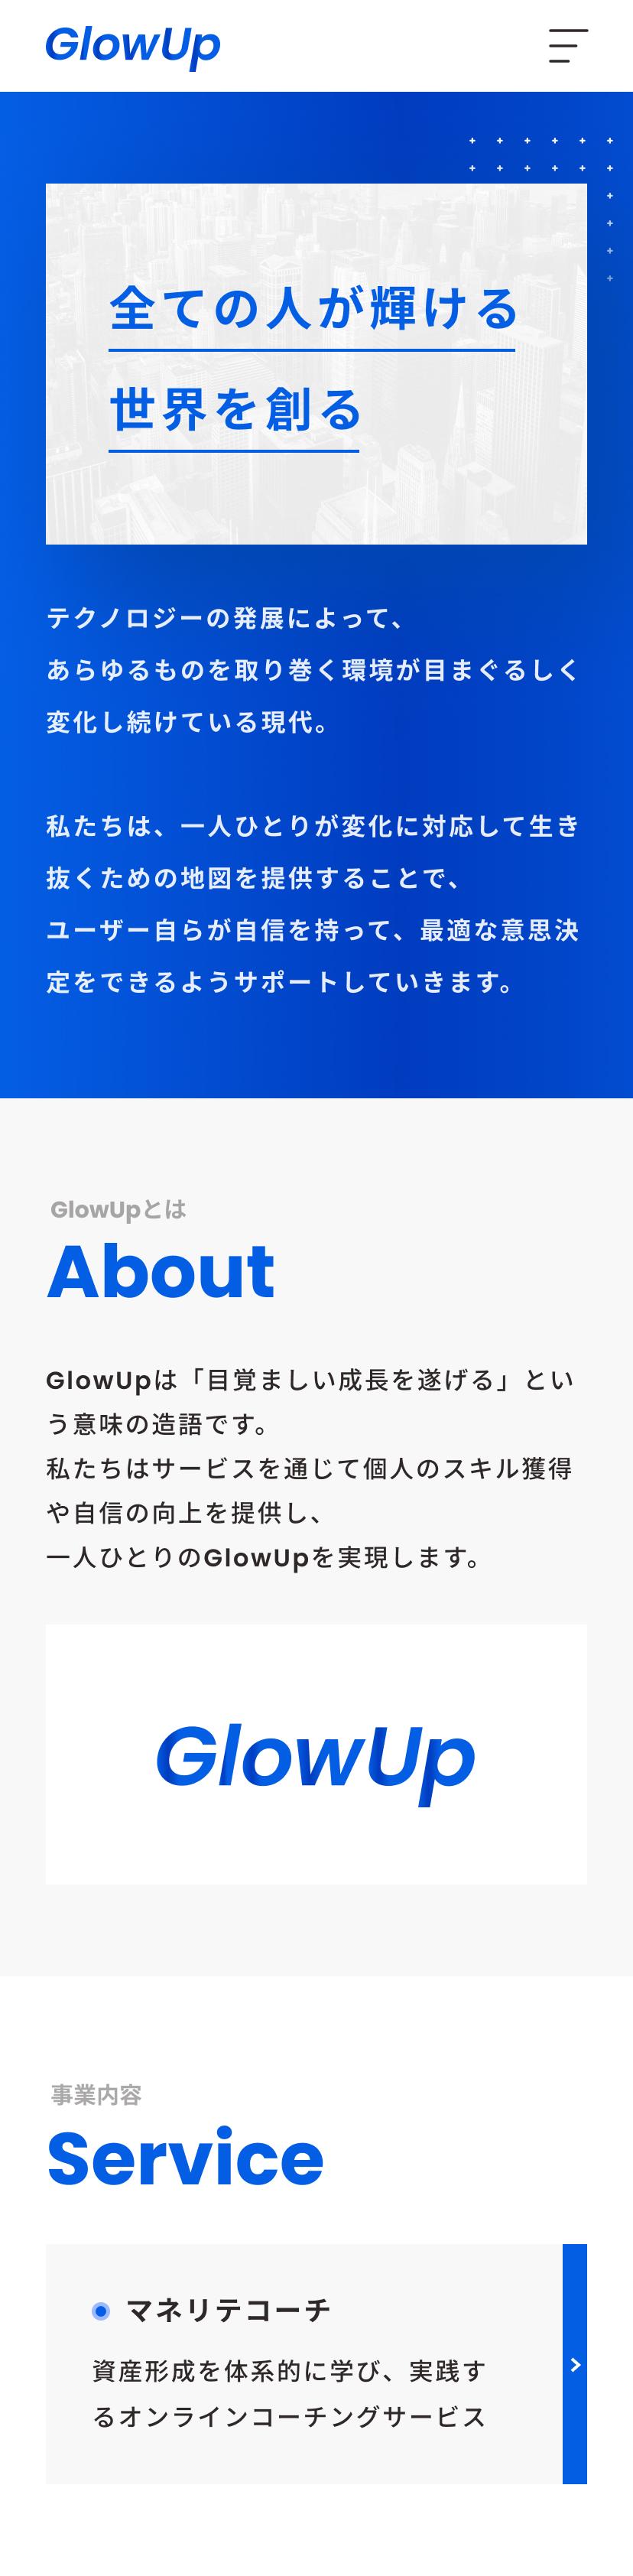 GlowUp(スマホ)